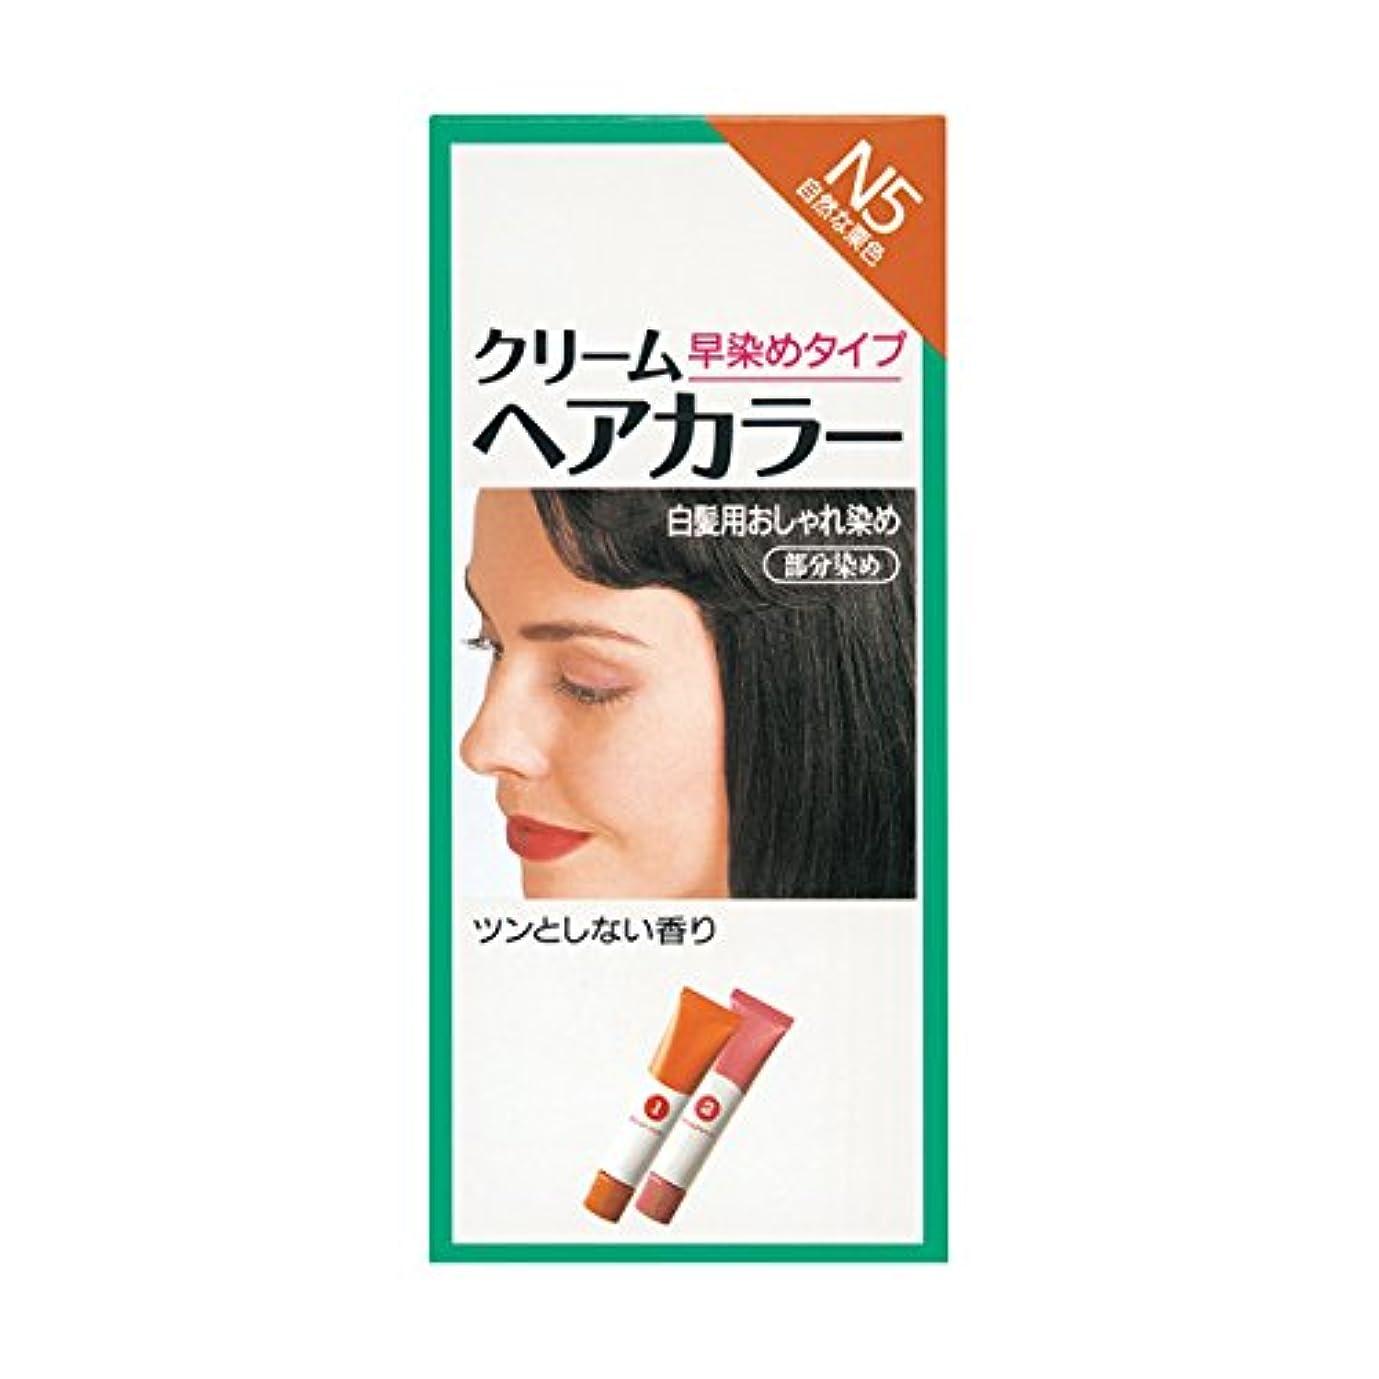 繊細細分化するショップヘアカラー クリームヘアカラーN N5 【医薬部外品】